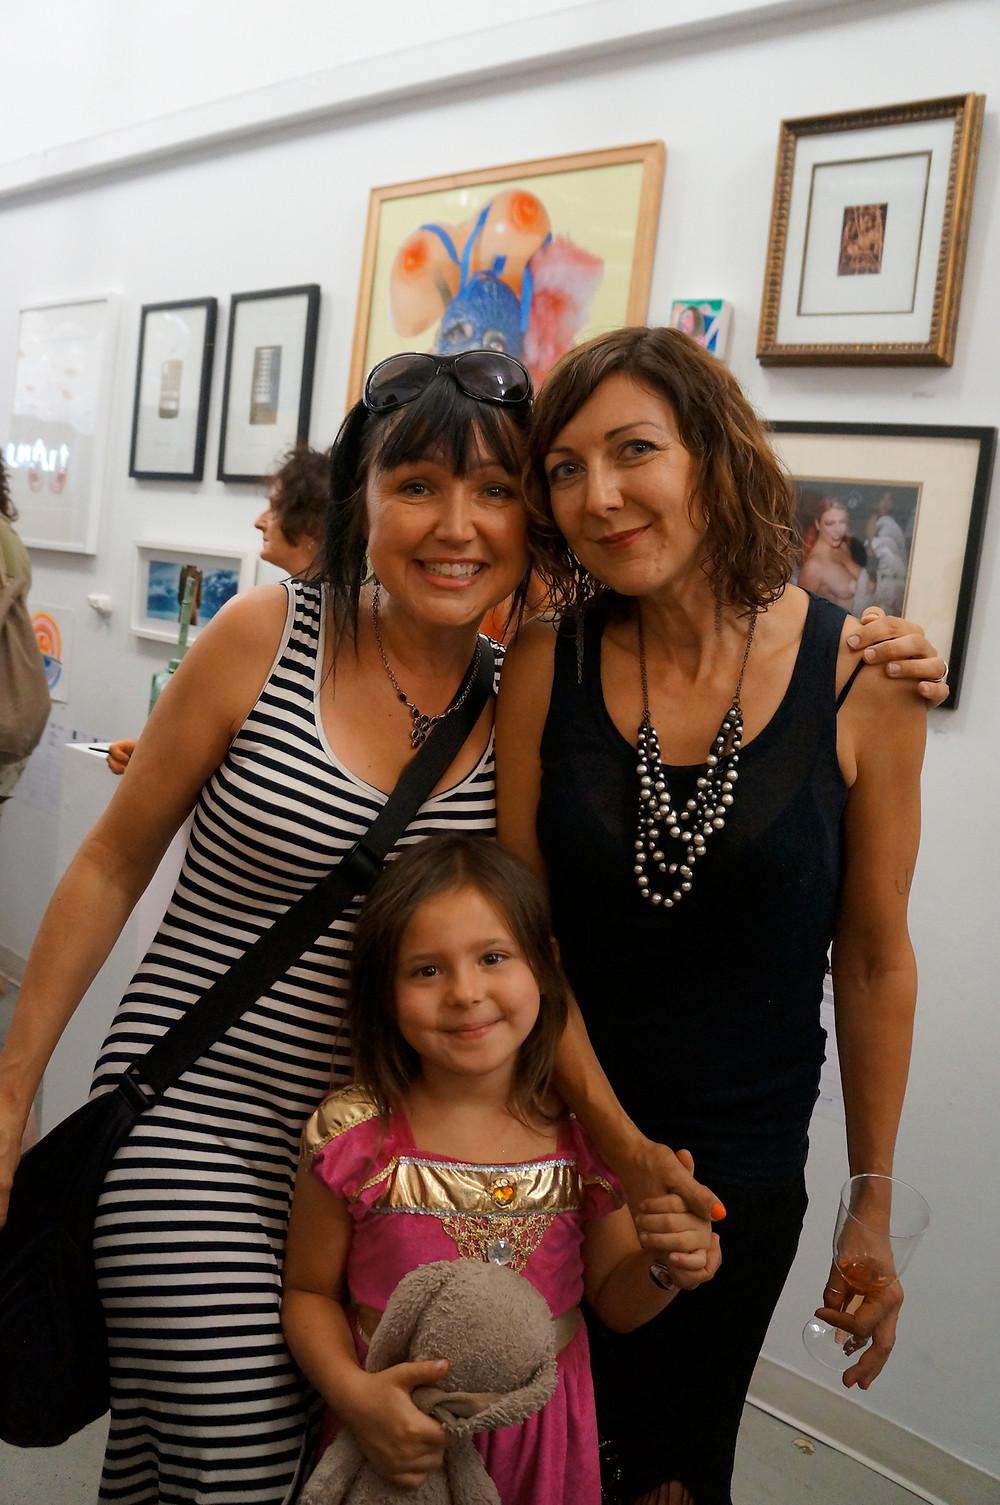 Paula Tiberius, Bettina Hubby, Violet Duguay